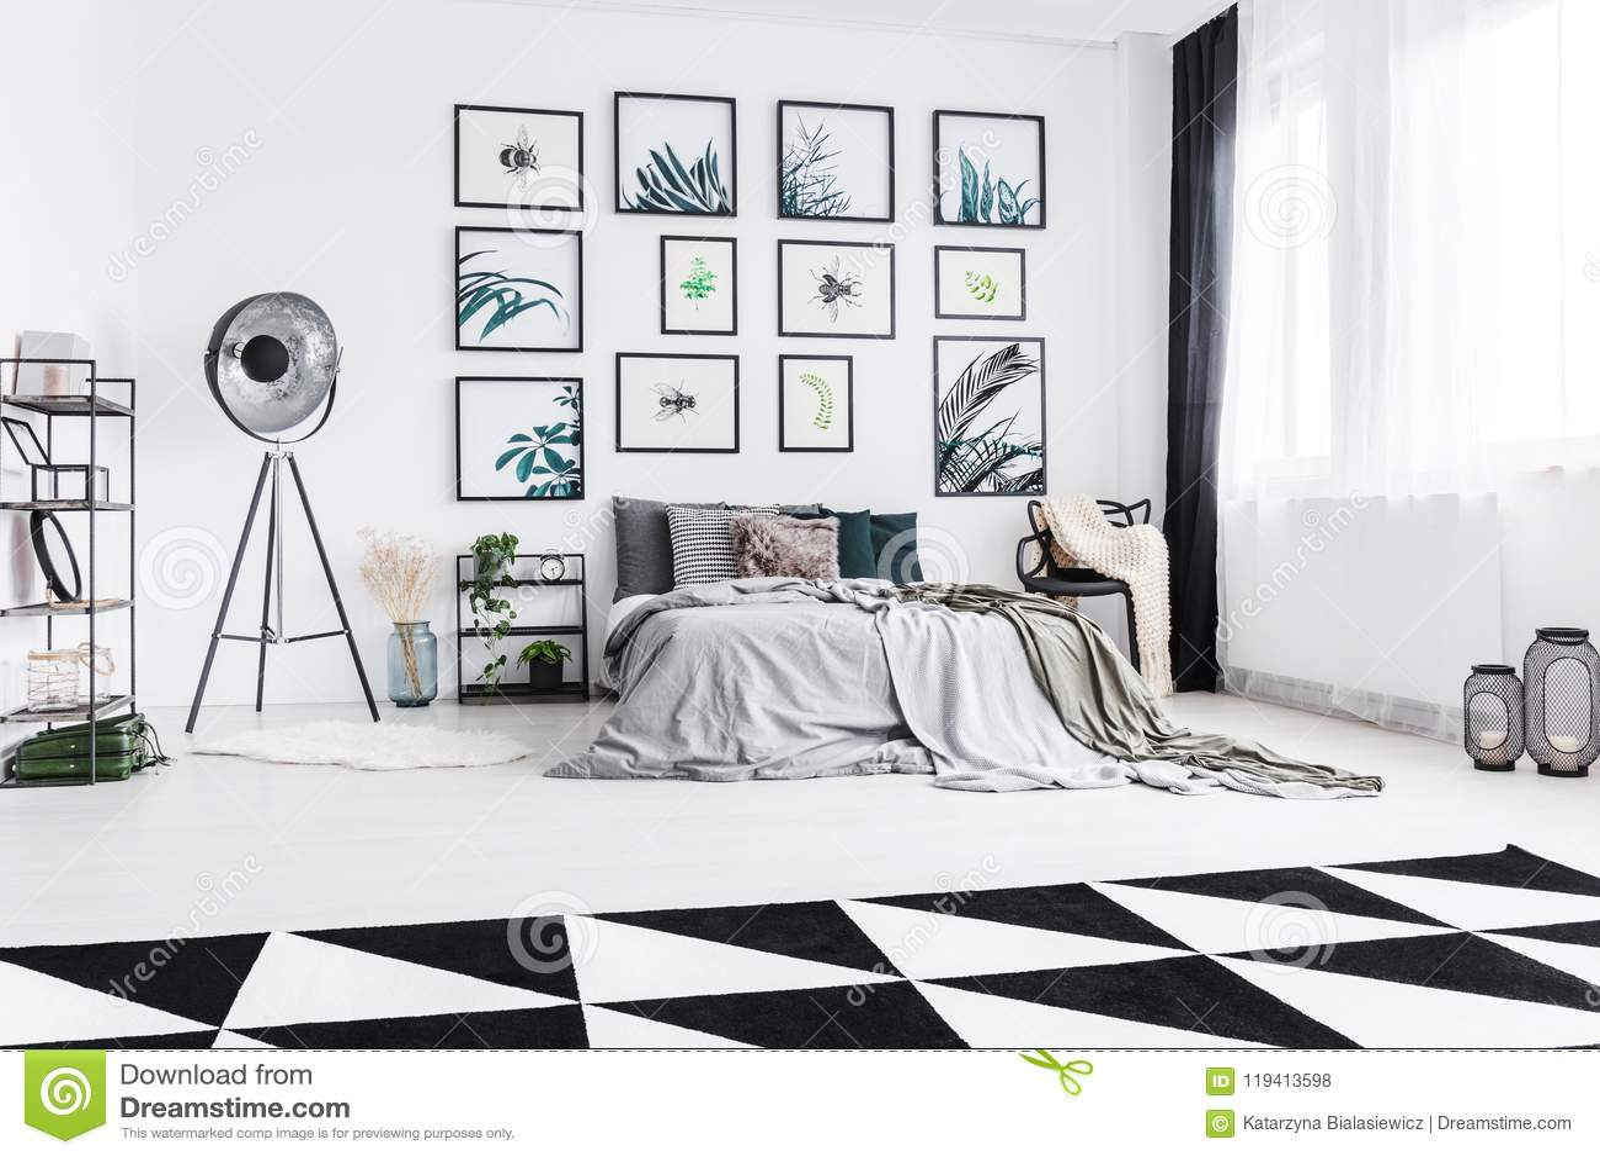 Camera Da Letto Bianco : Foto reale di una camera da letto in bianco e nero con un betw